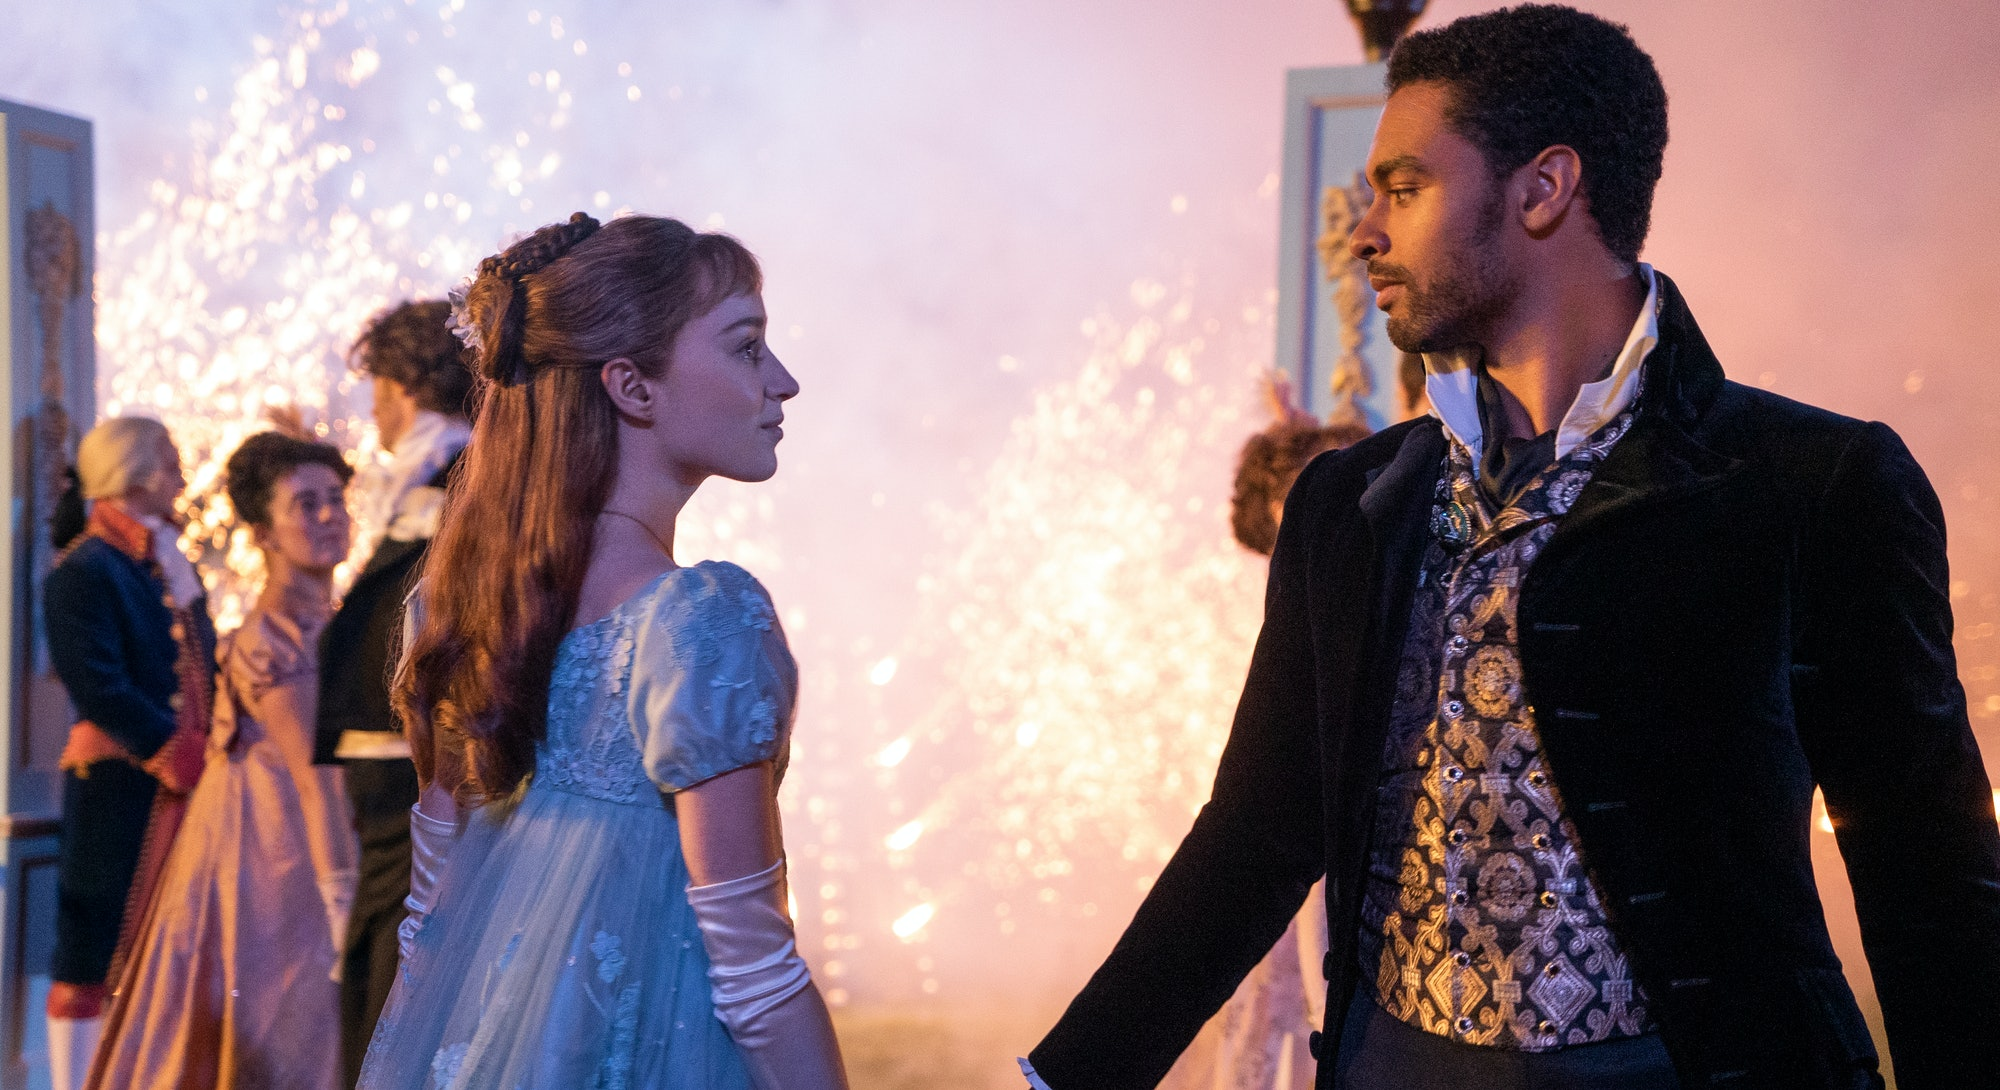 A still from Netflix Bridgerton featuring Daphne and Simon holding hands